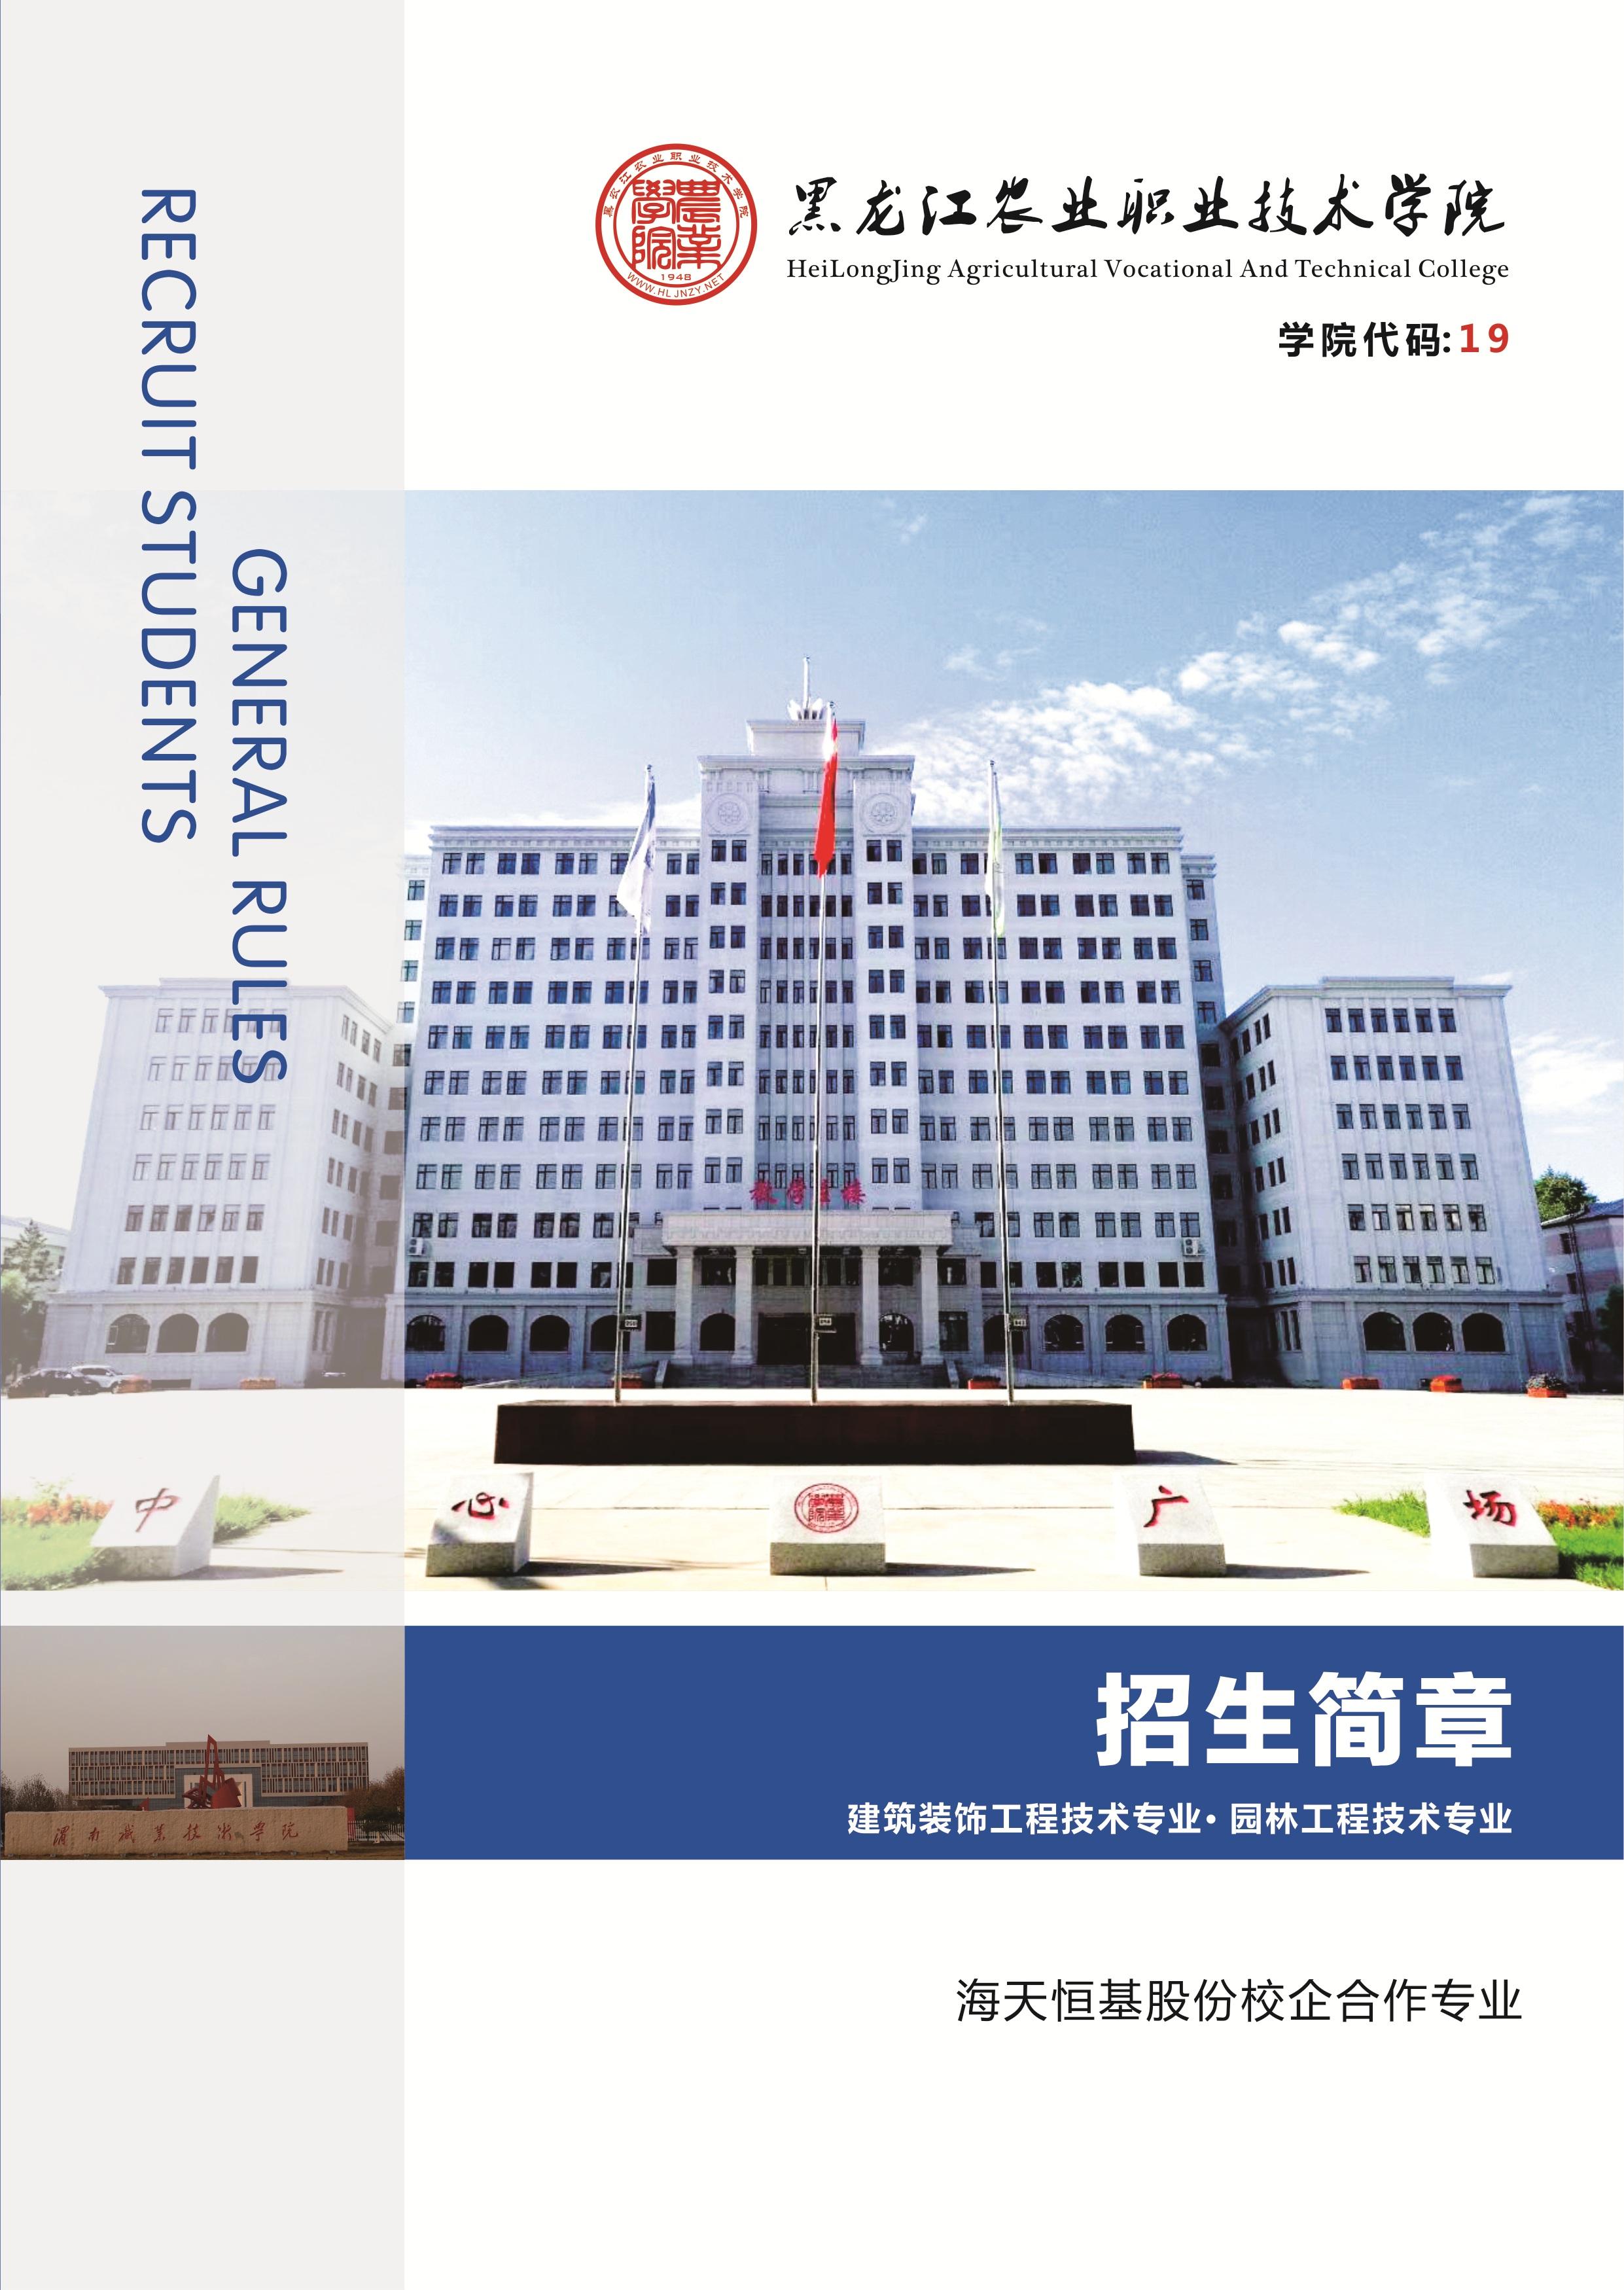 黑龙江农业ballbet贝博app下载技术BB平台